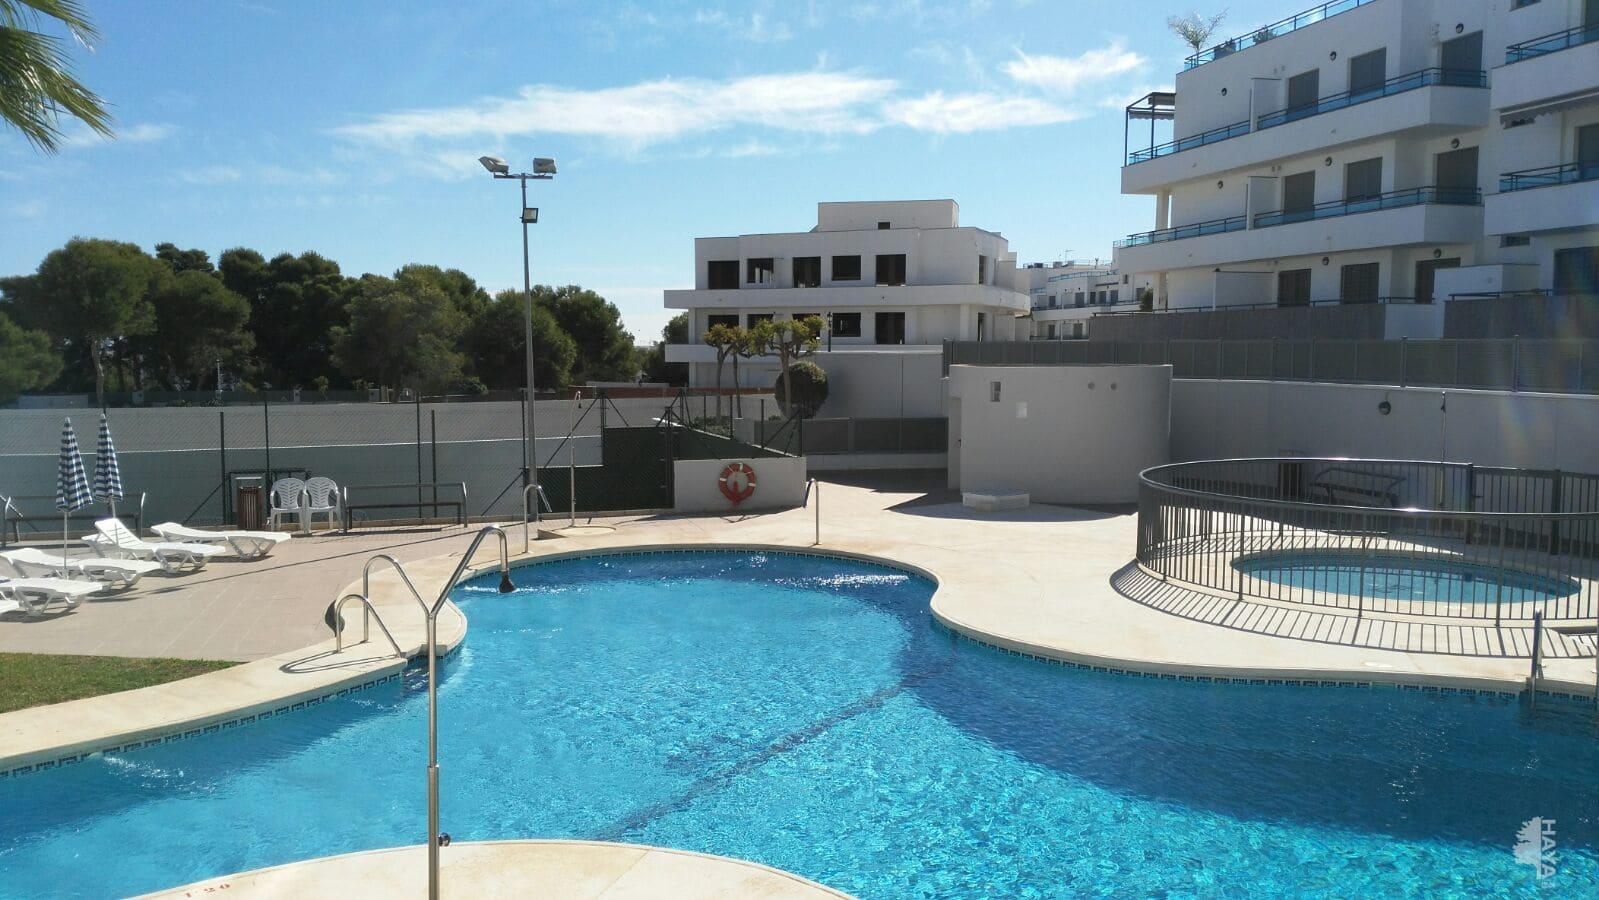 Piso en venta en Garrucha, Almería, Calle Murillo (pinar de Garrucha), B, 96.300 €, 2 habitaciones, 2 baños, 72 m2